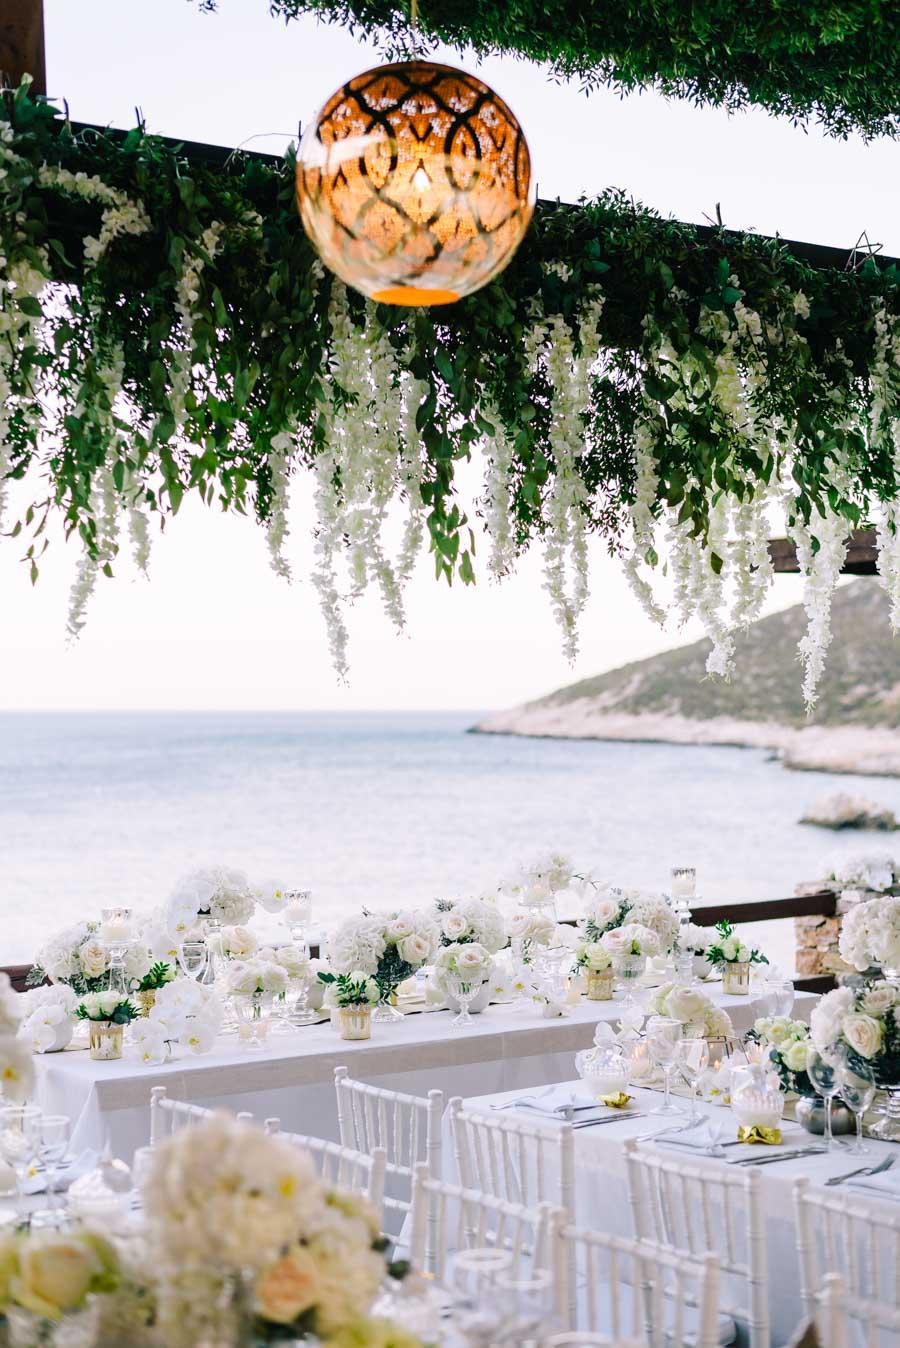 Outstanding Caribbean Wedding Theme Ensign - Wedding Idea 2018 ...